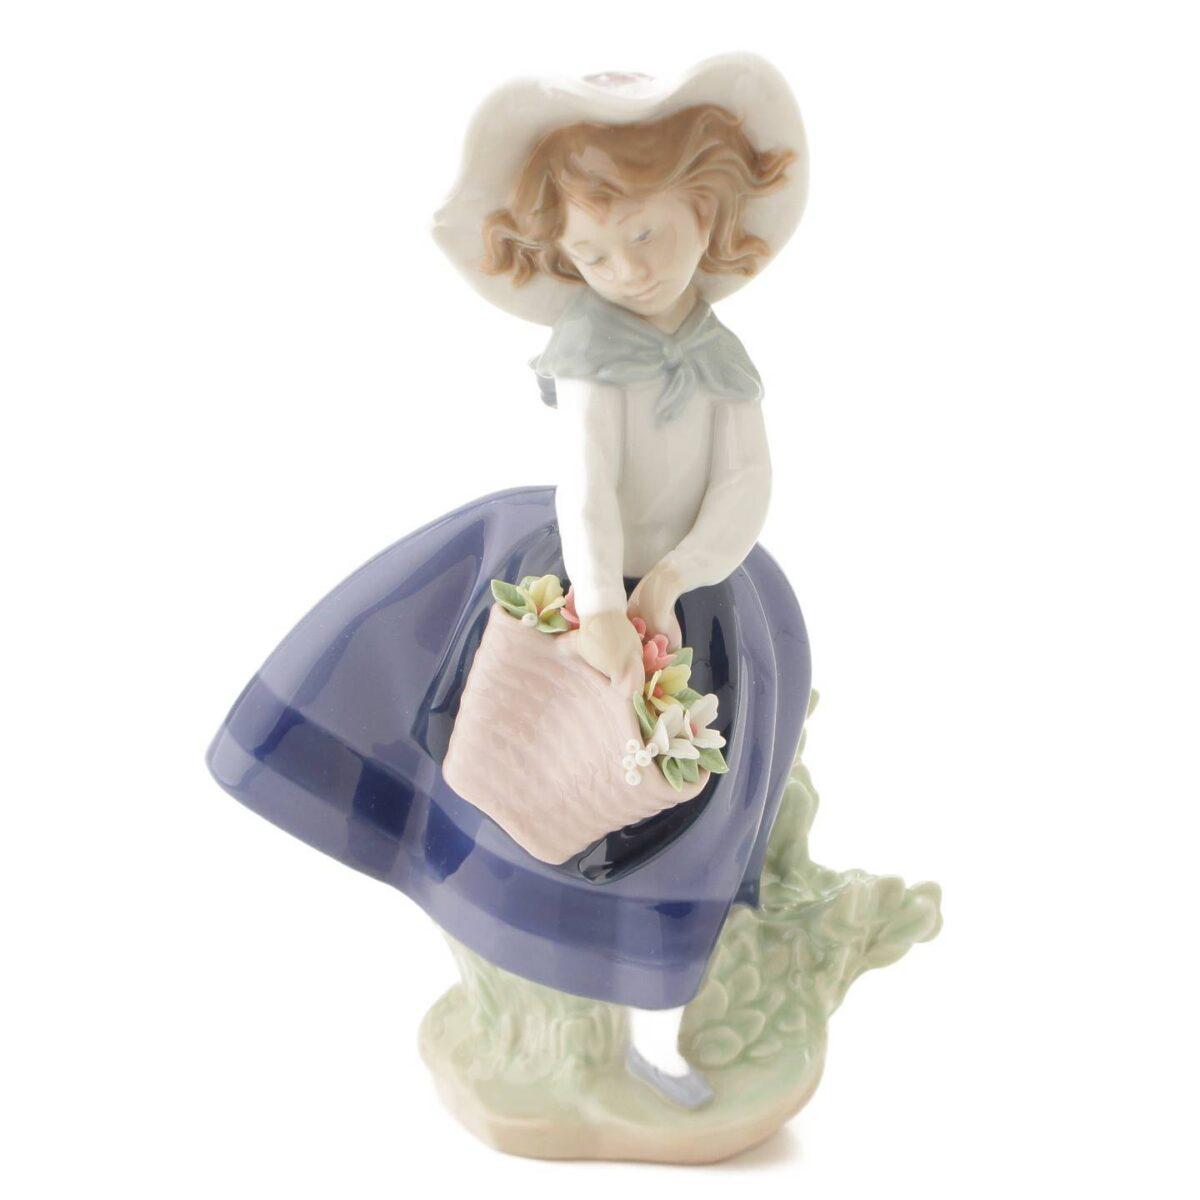 リヤドロ 綺麗な花ばかり 陶器人形 置物 インテリア 5222